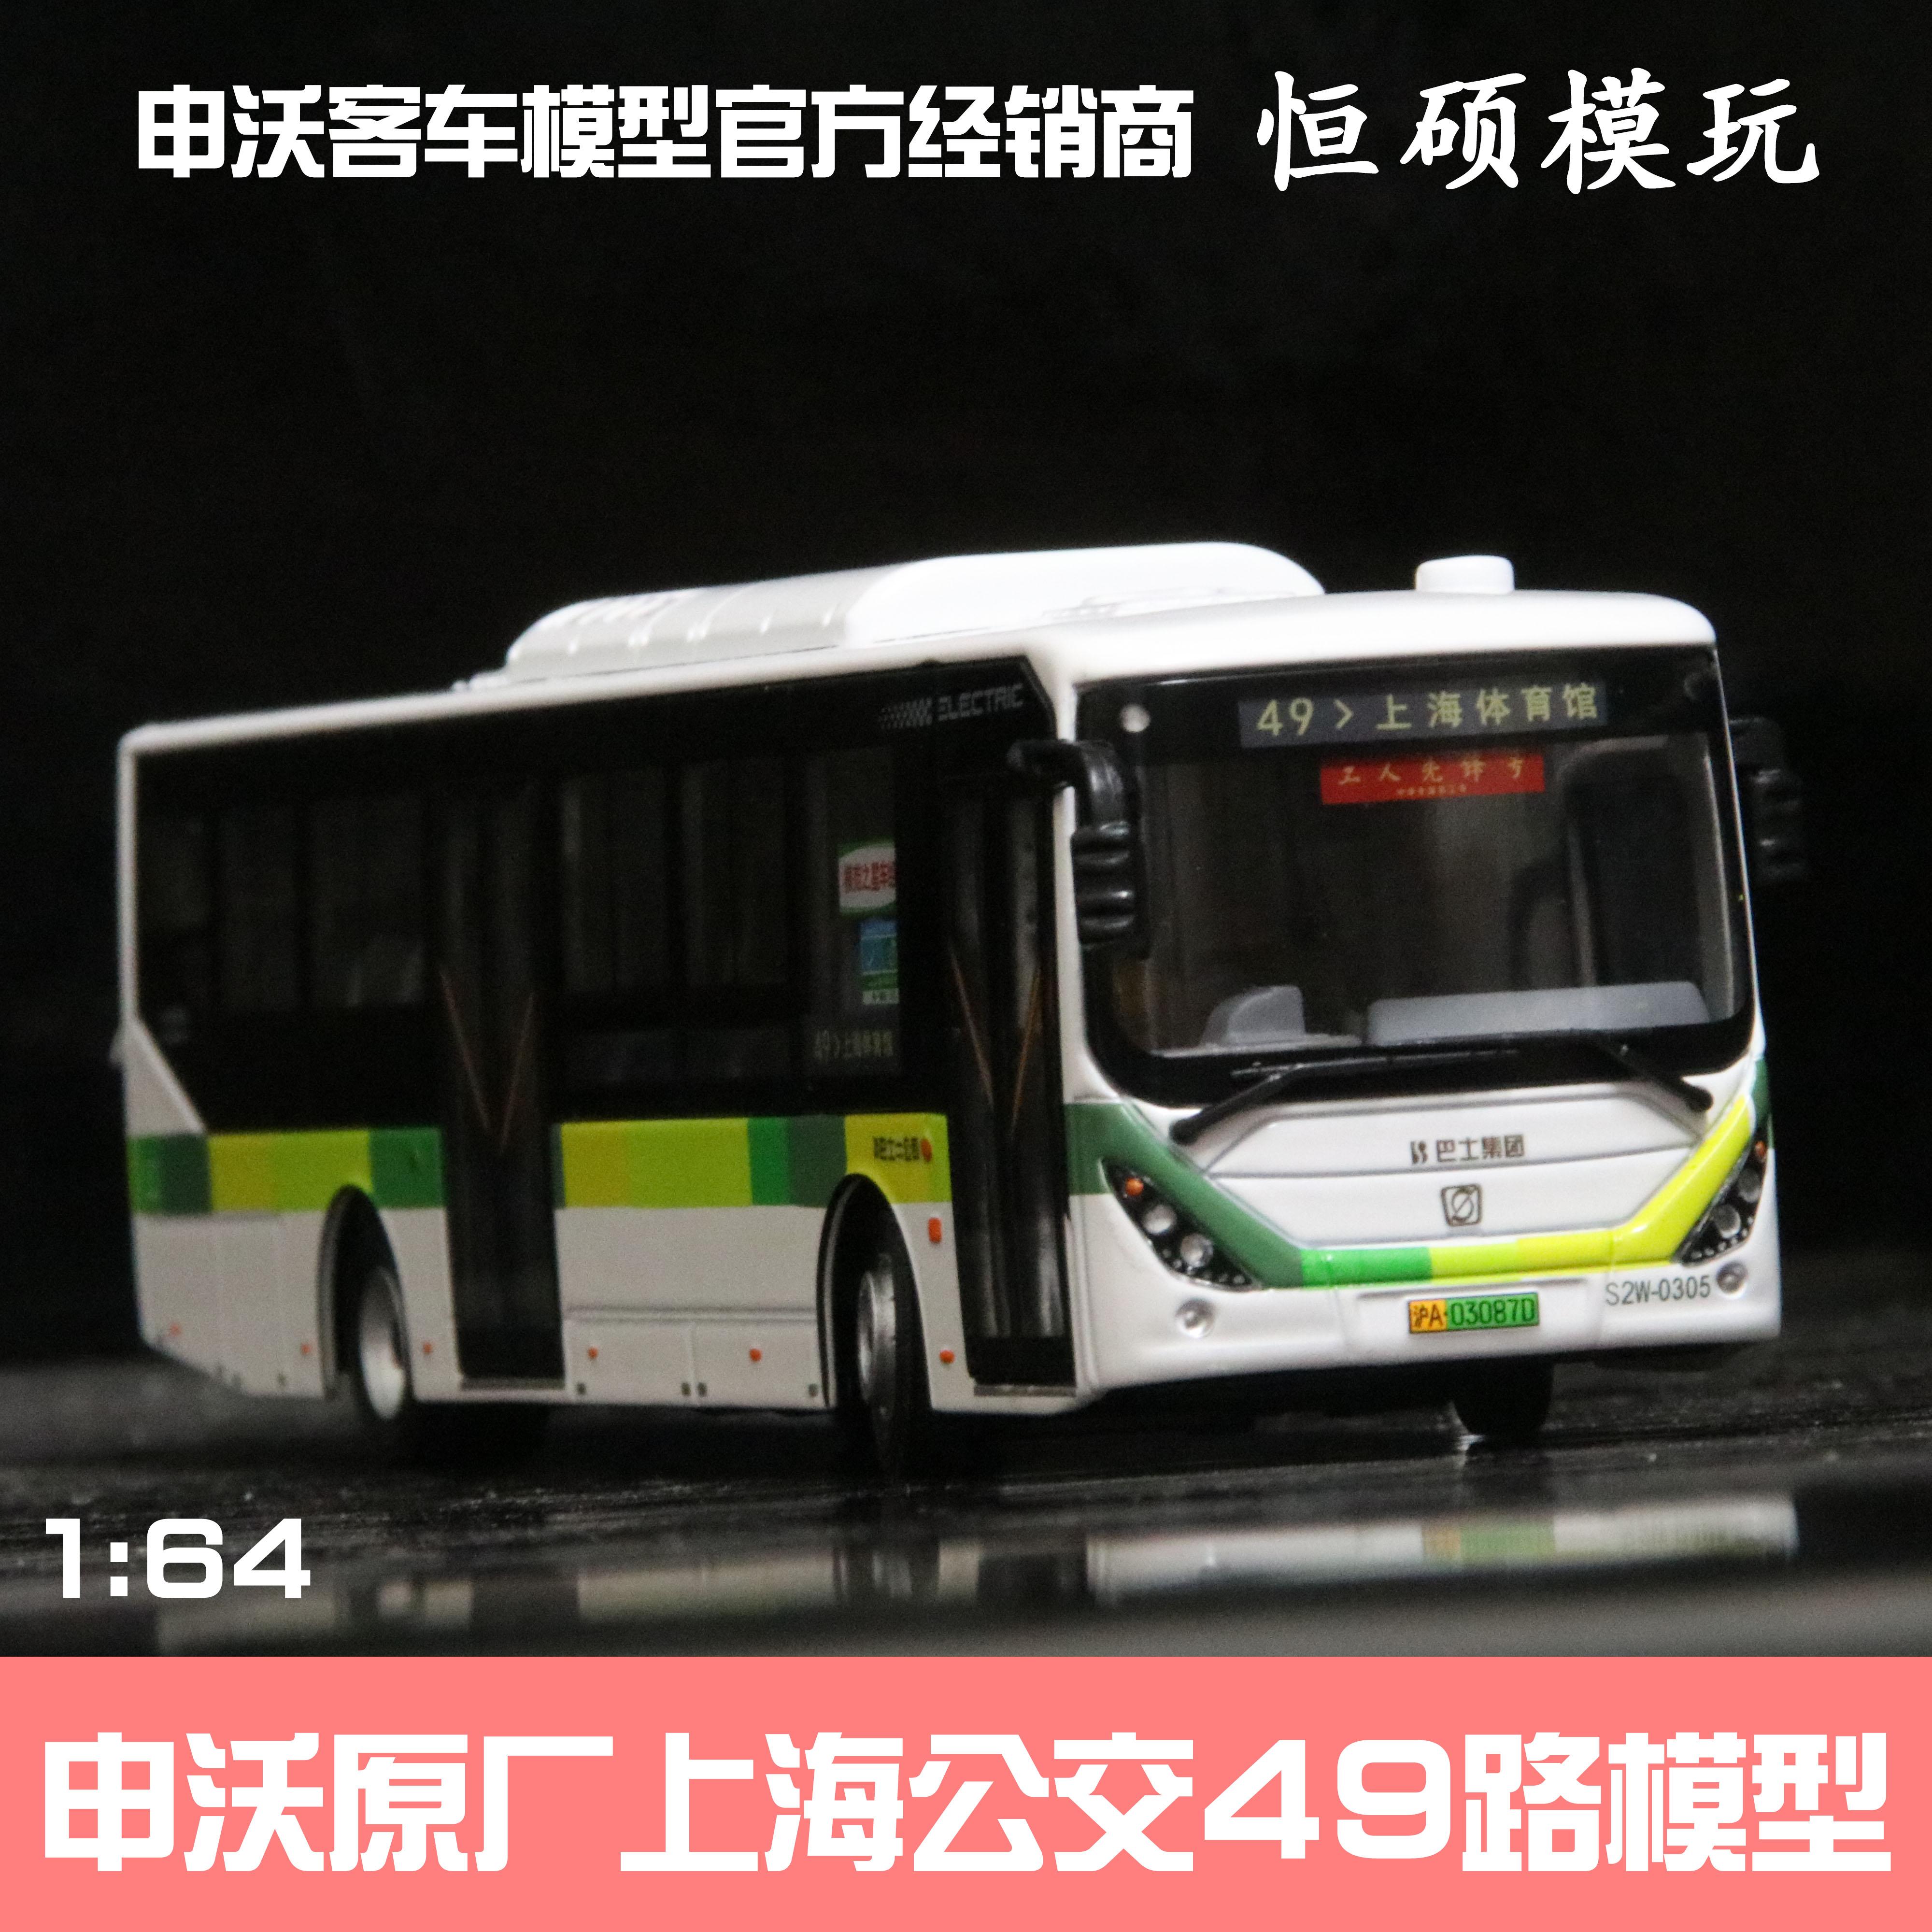 1:64 申沃客车纯电动 上海公交车模型 巴士集团 49路 55路 118路